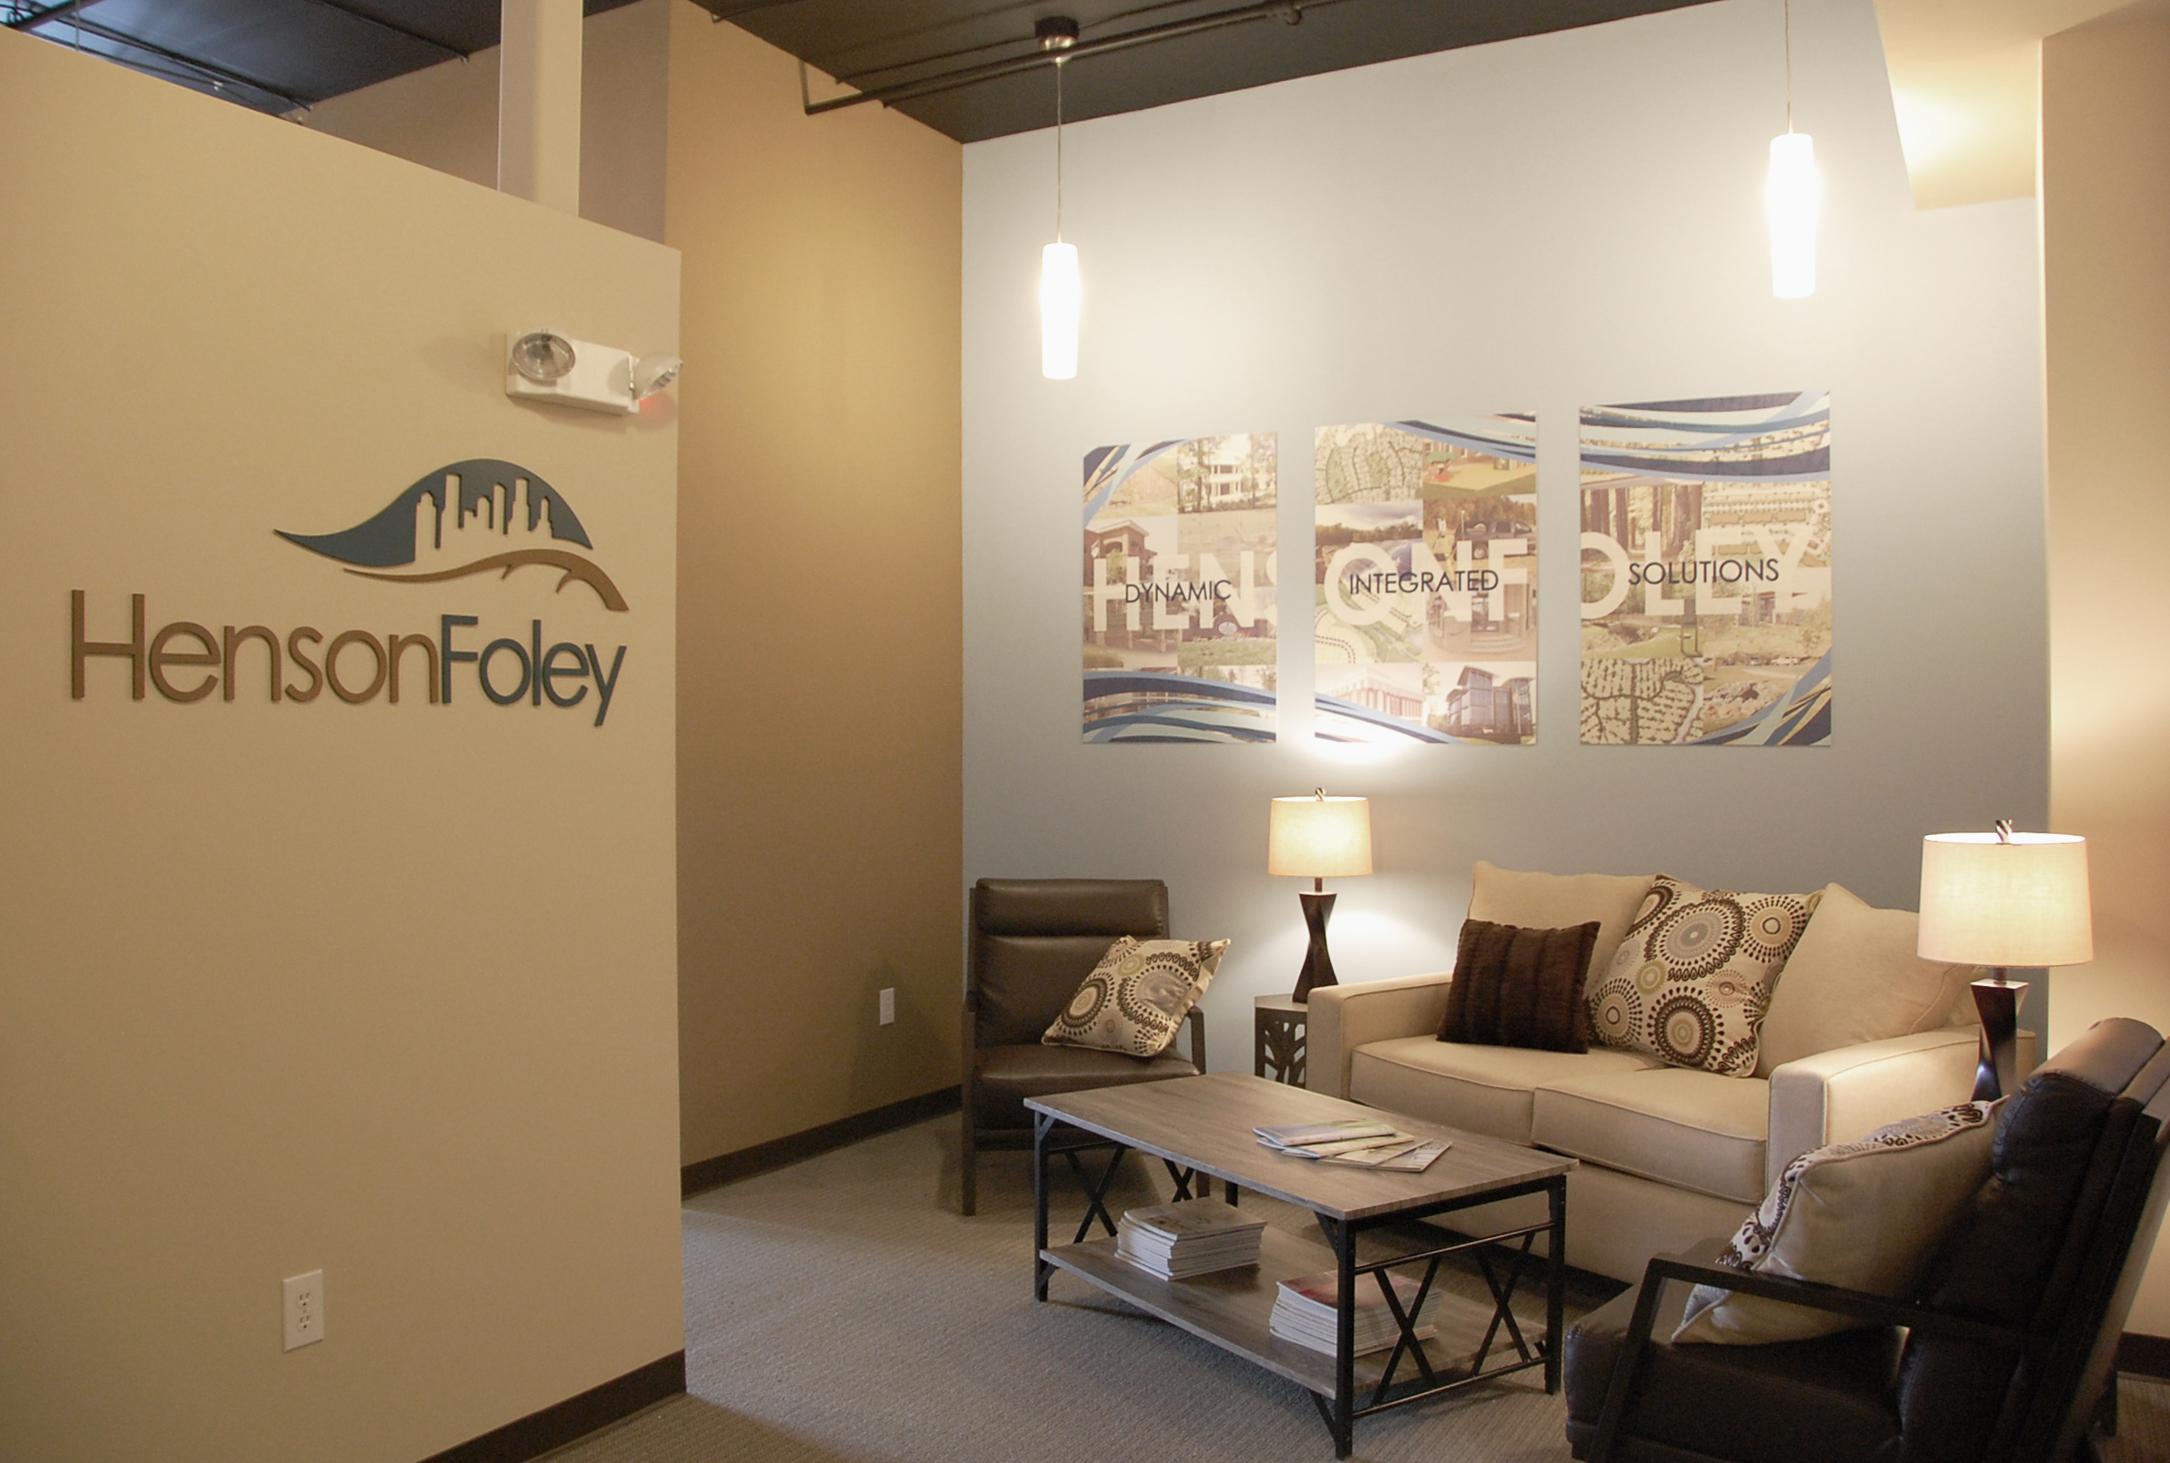 HensonFoley Design, Inc. image 4